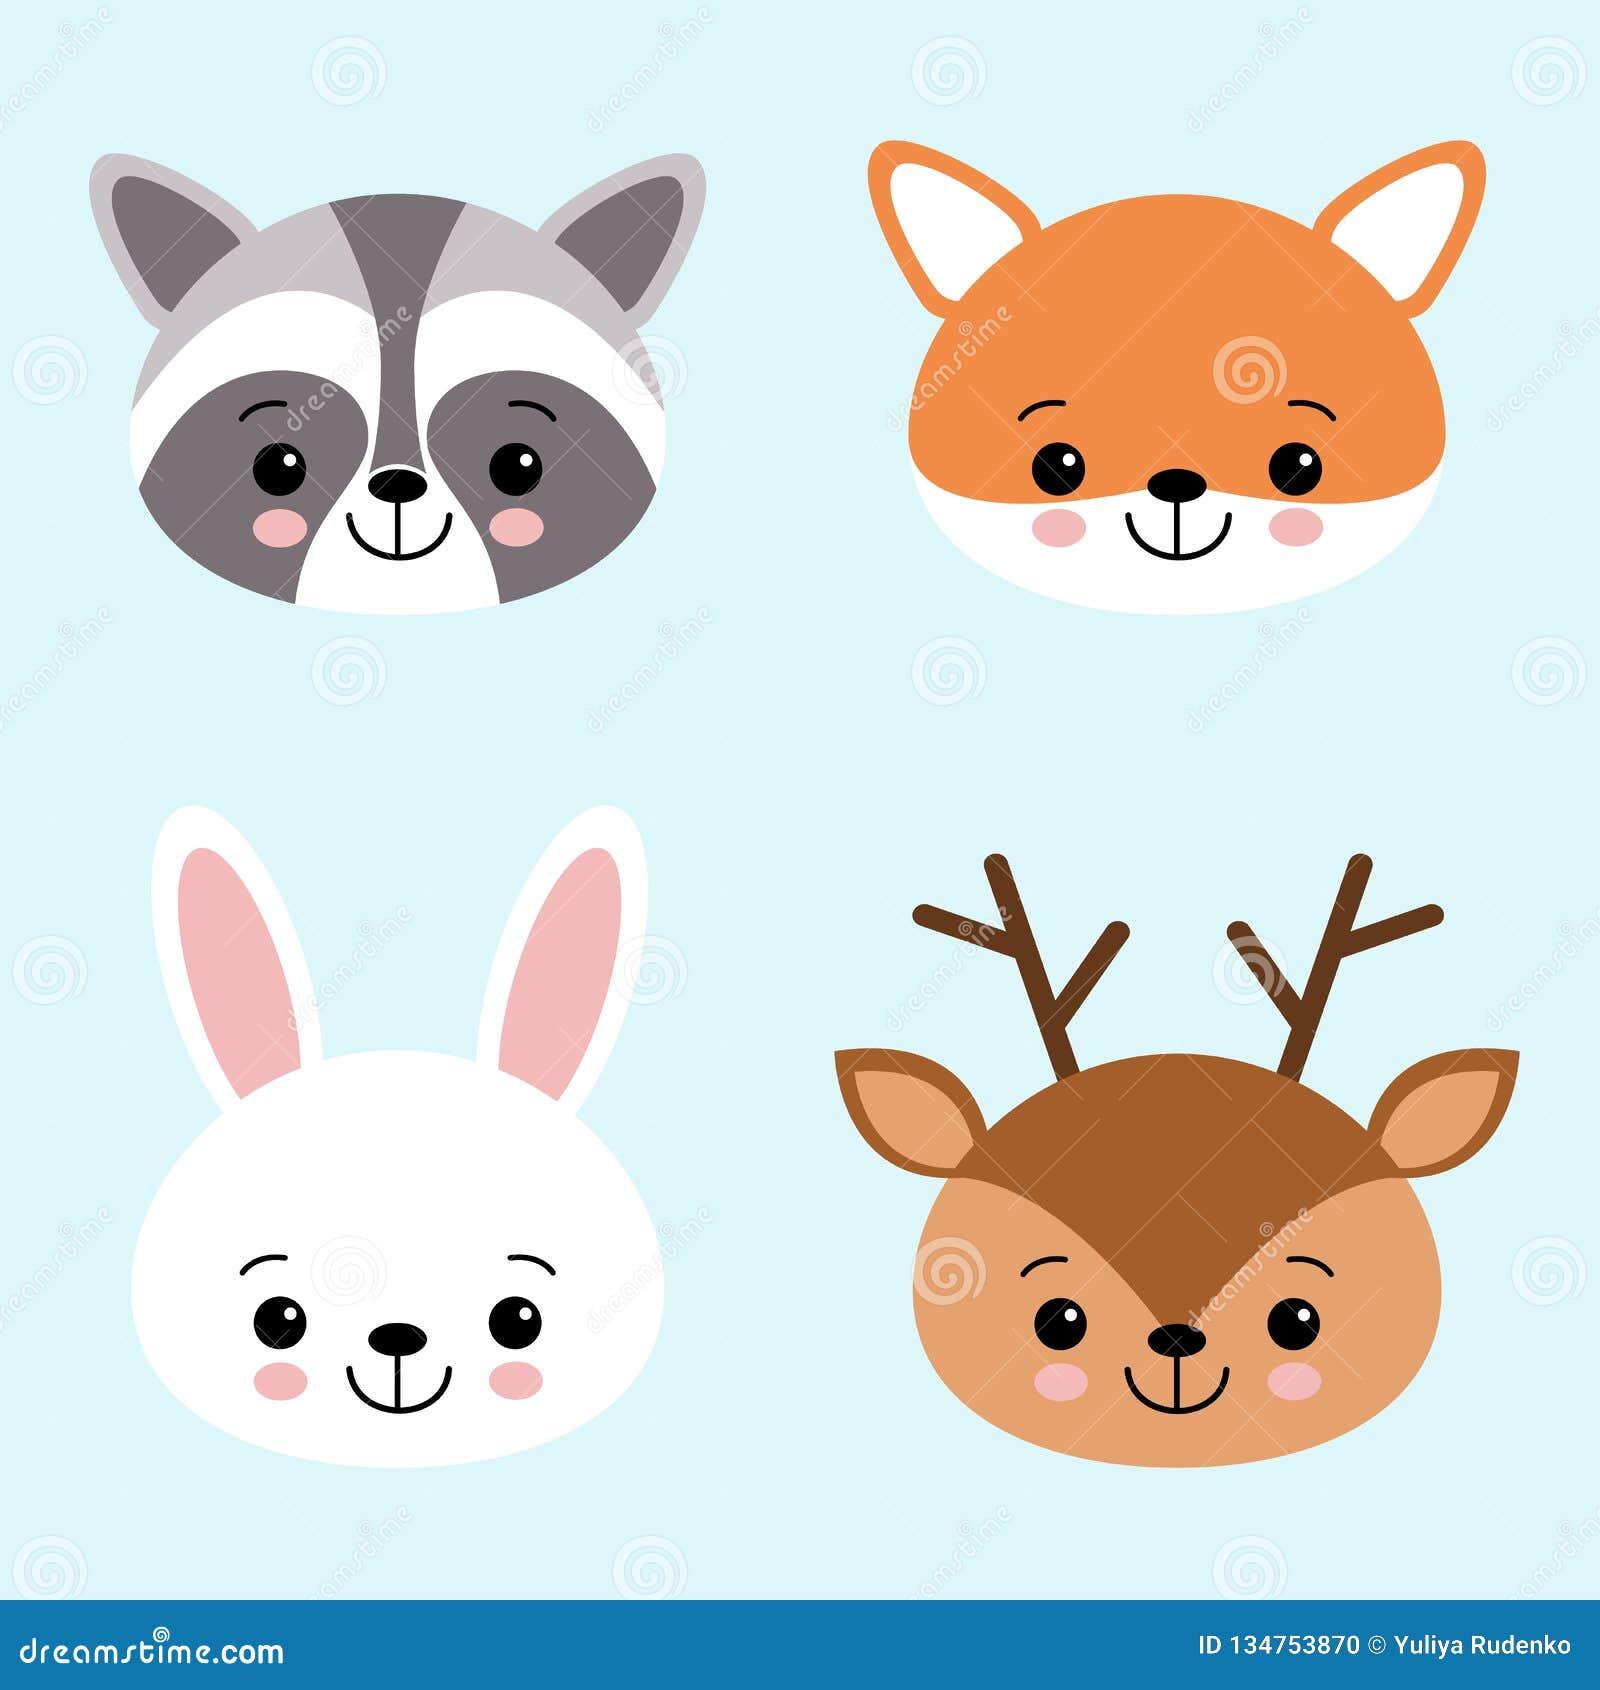 Sistema del icono del vector de los animales lindos liebres o conejo blanco, mapache, ciervos y zorro del bosque